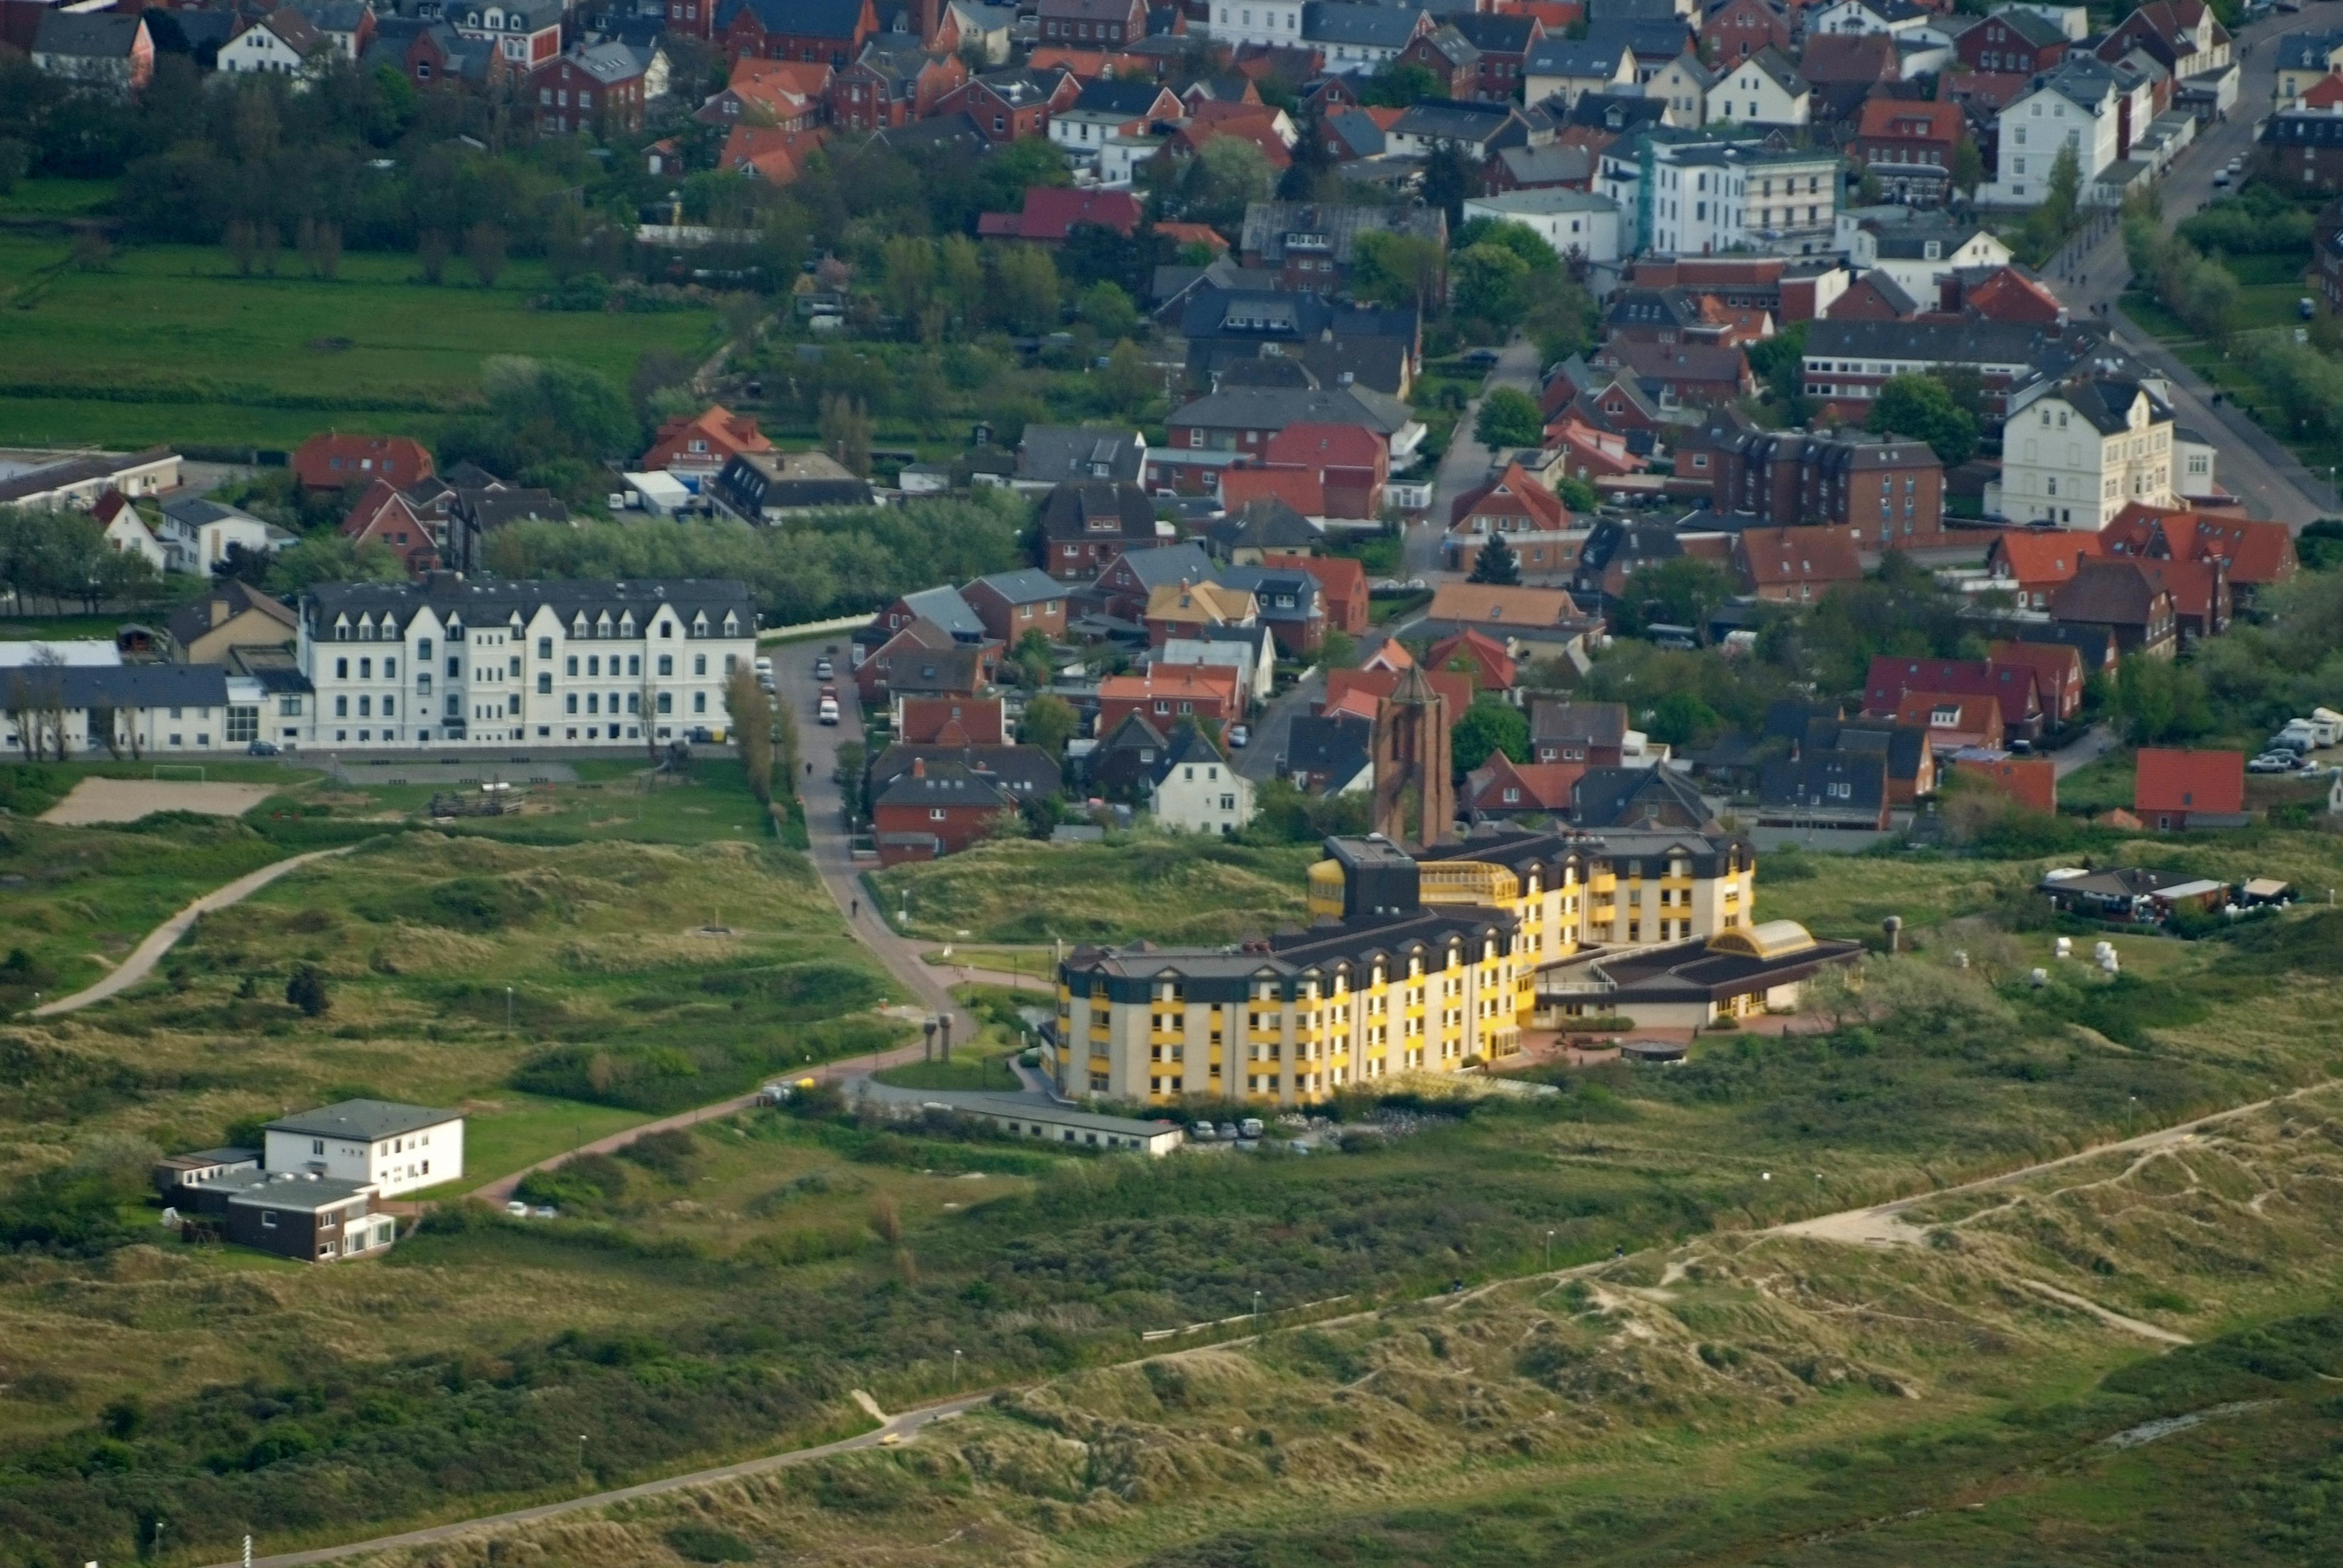 File:2012-05-13 Nordsee-Luftbilder DSCF8928.jpg - Wikimedia Commons